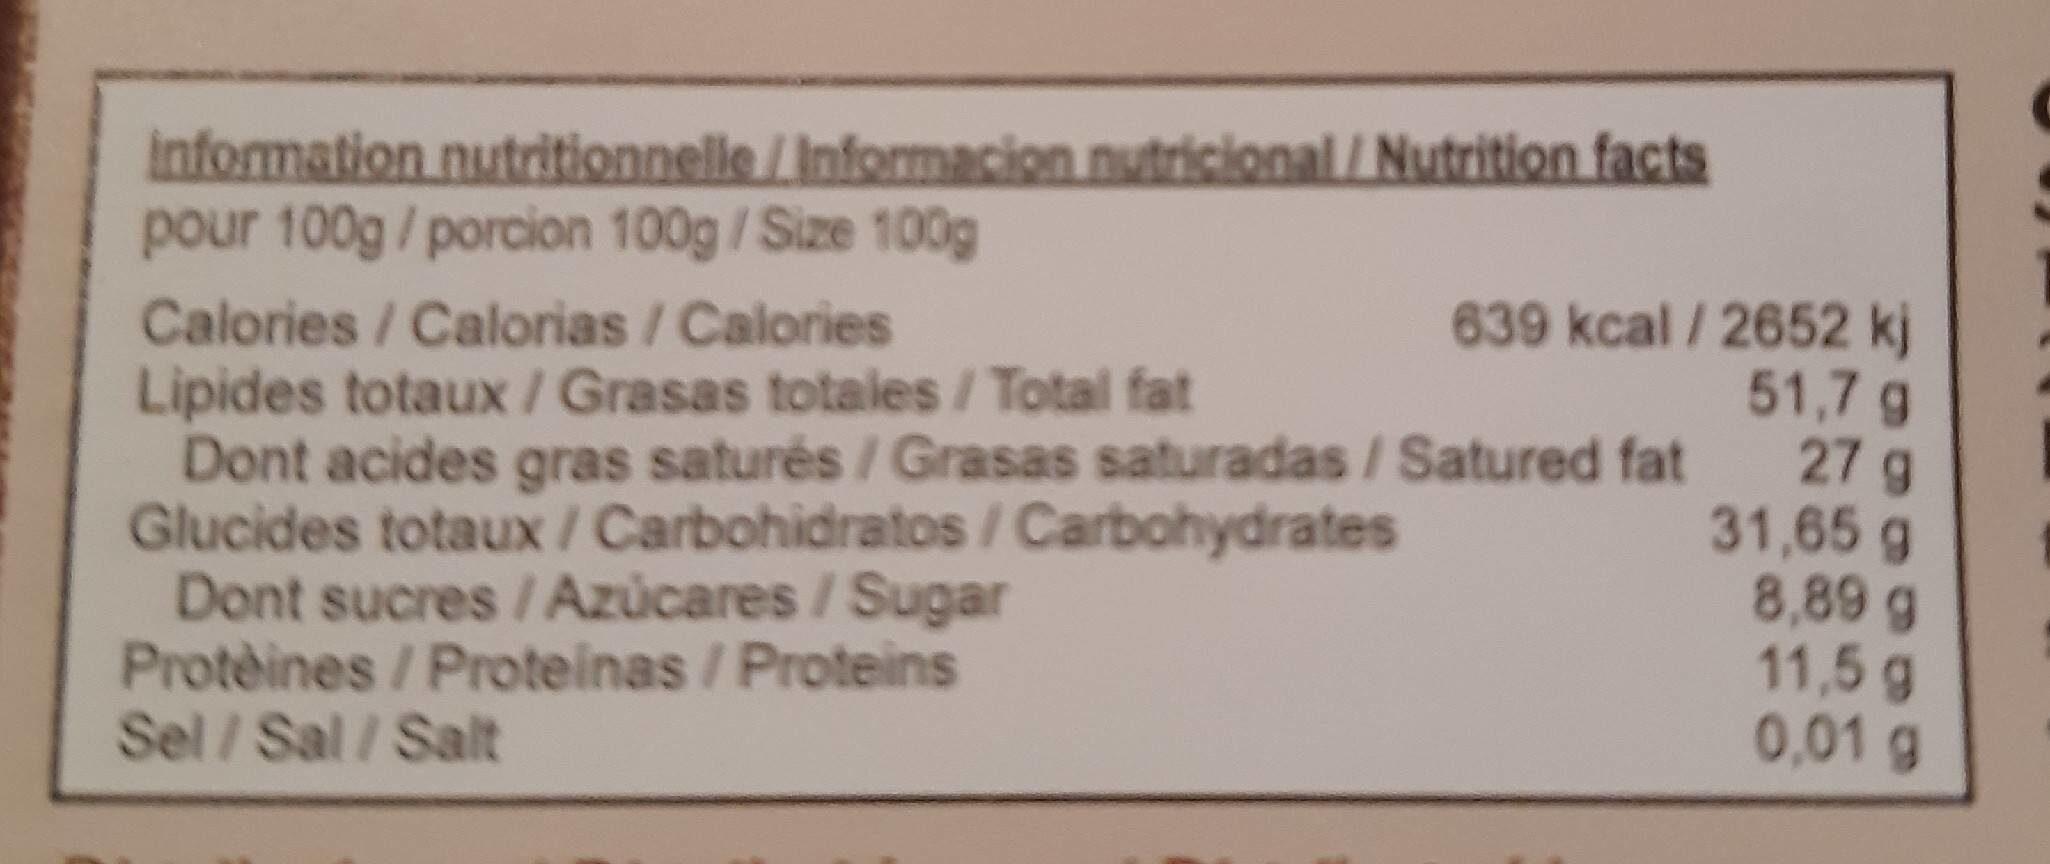 El Inti noir noisettes 90% - Nutrition facts - fr